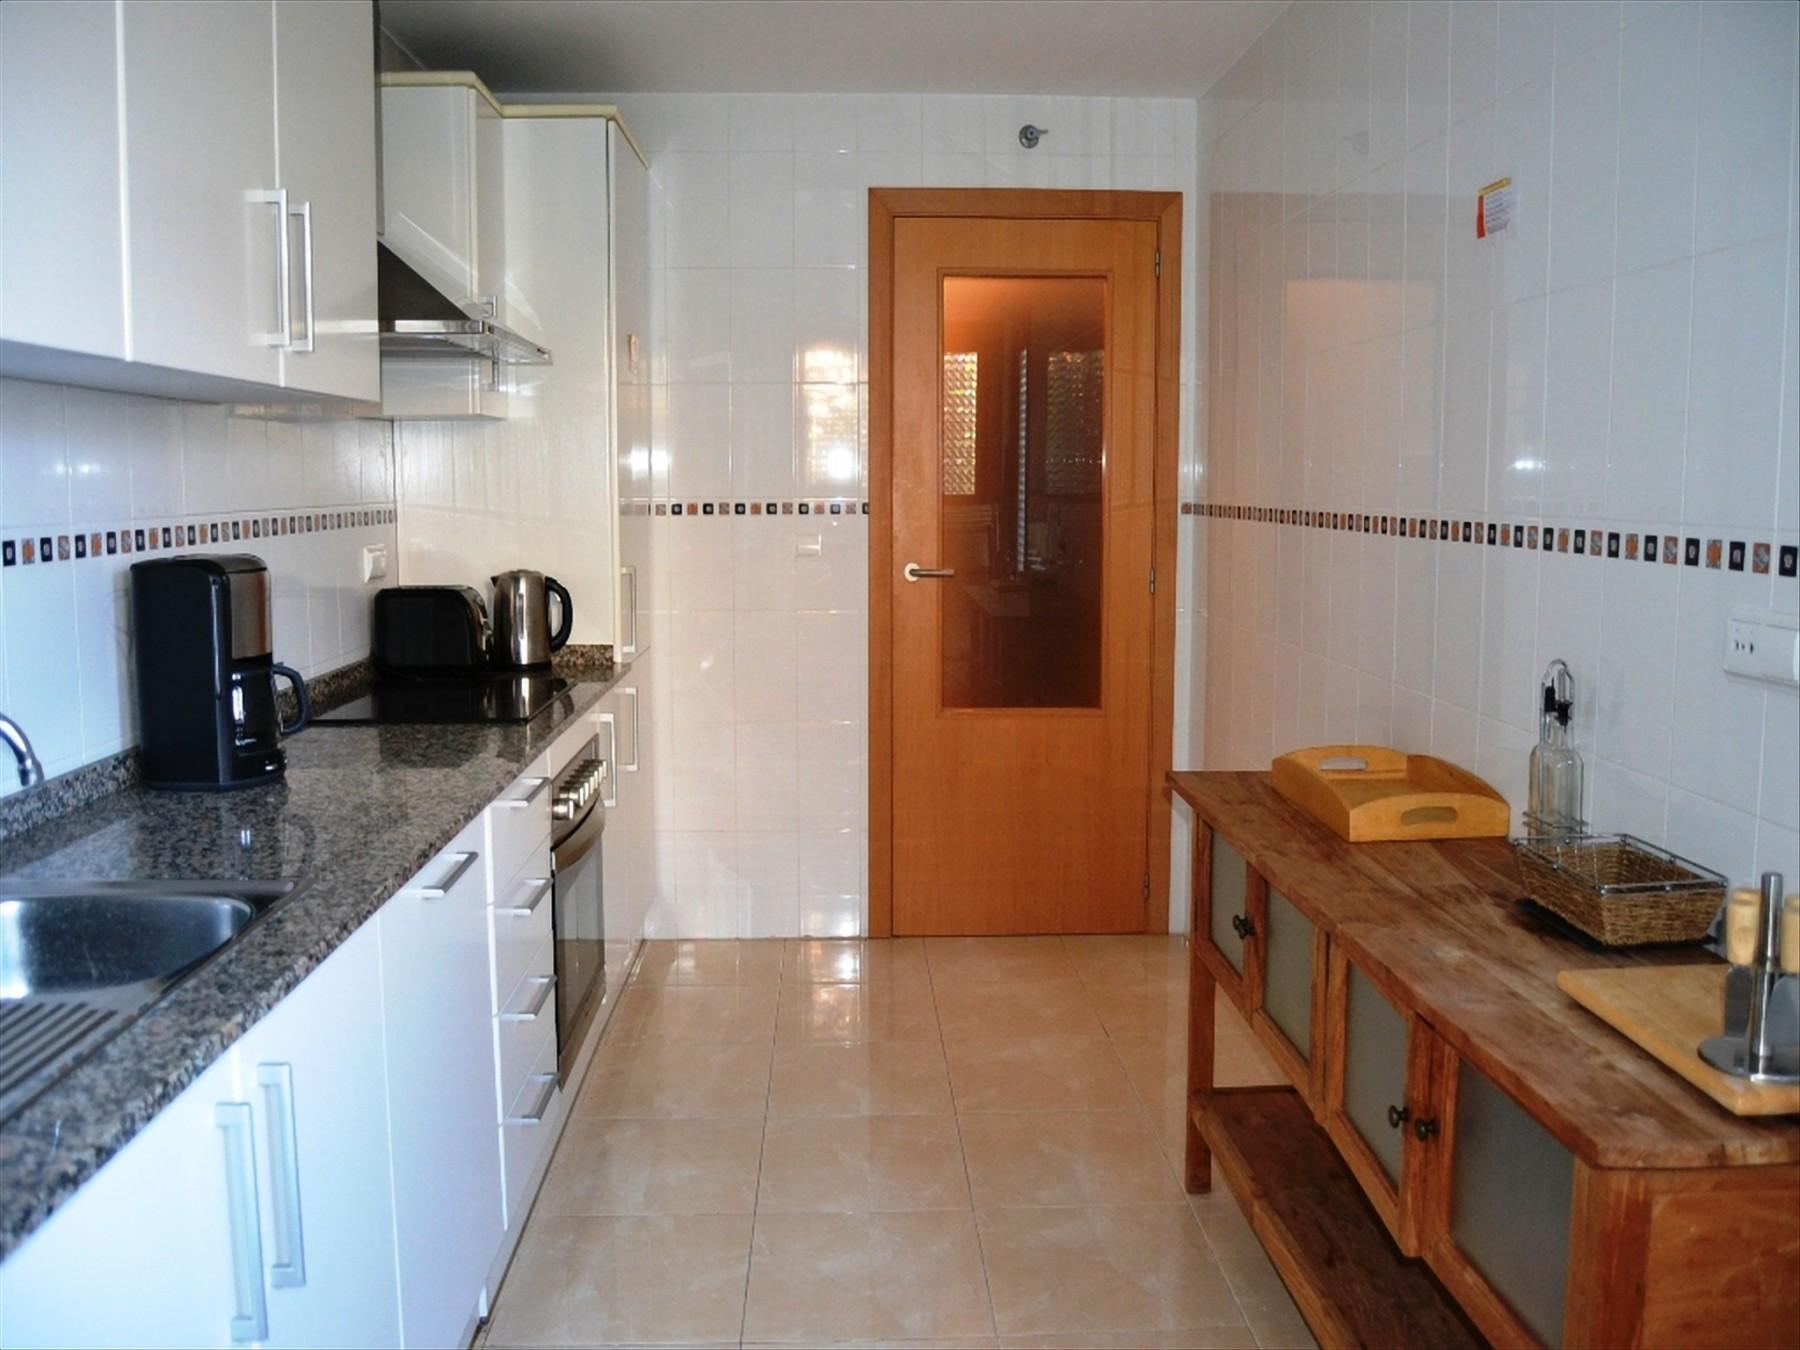 Apartamentos en javea x bia apartamento benvinguts - Alquiler apartamentos en javea ...